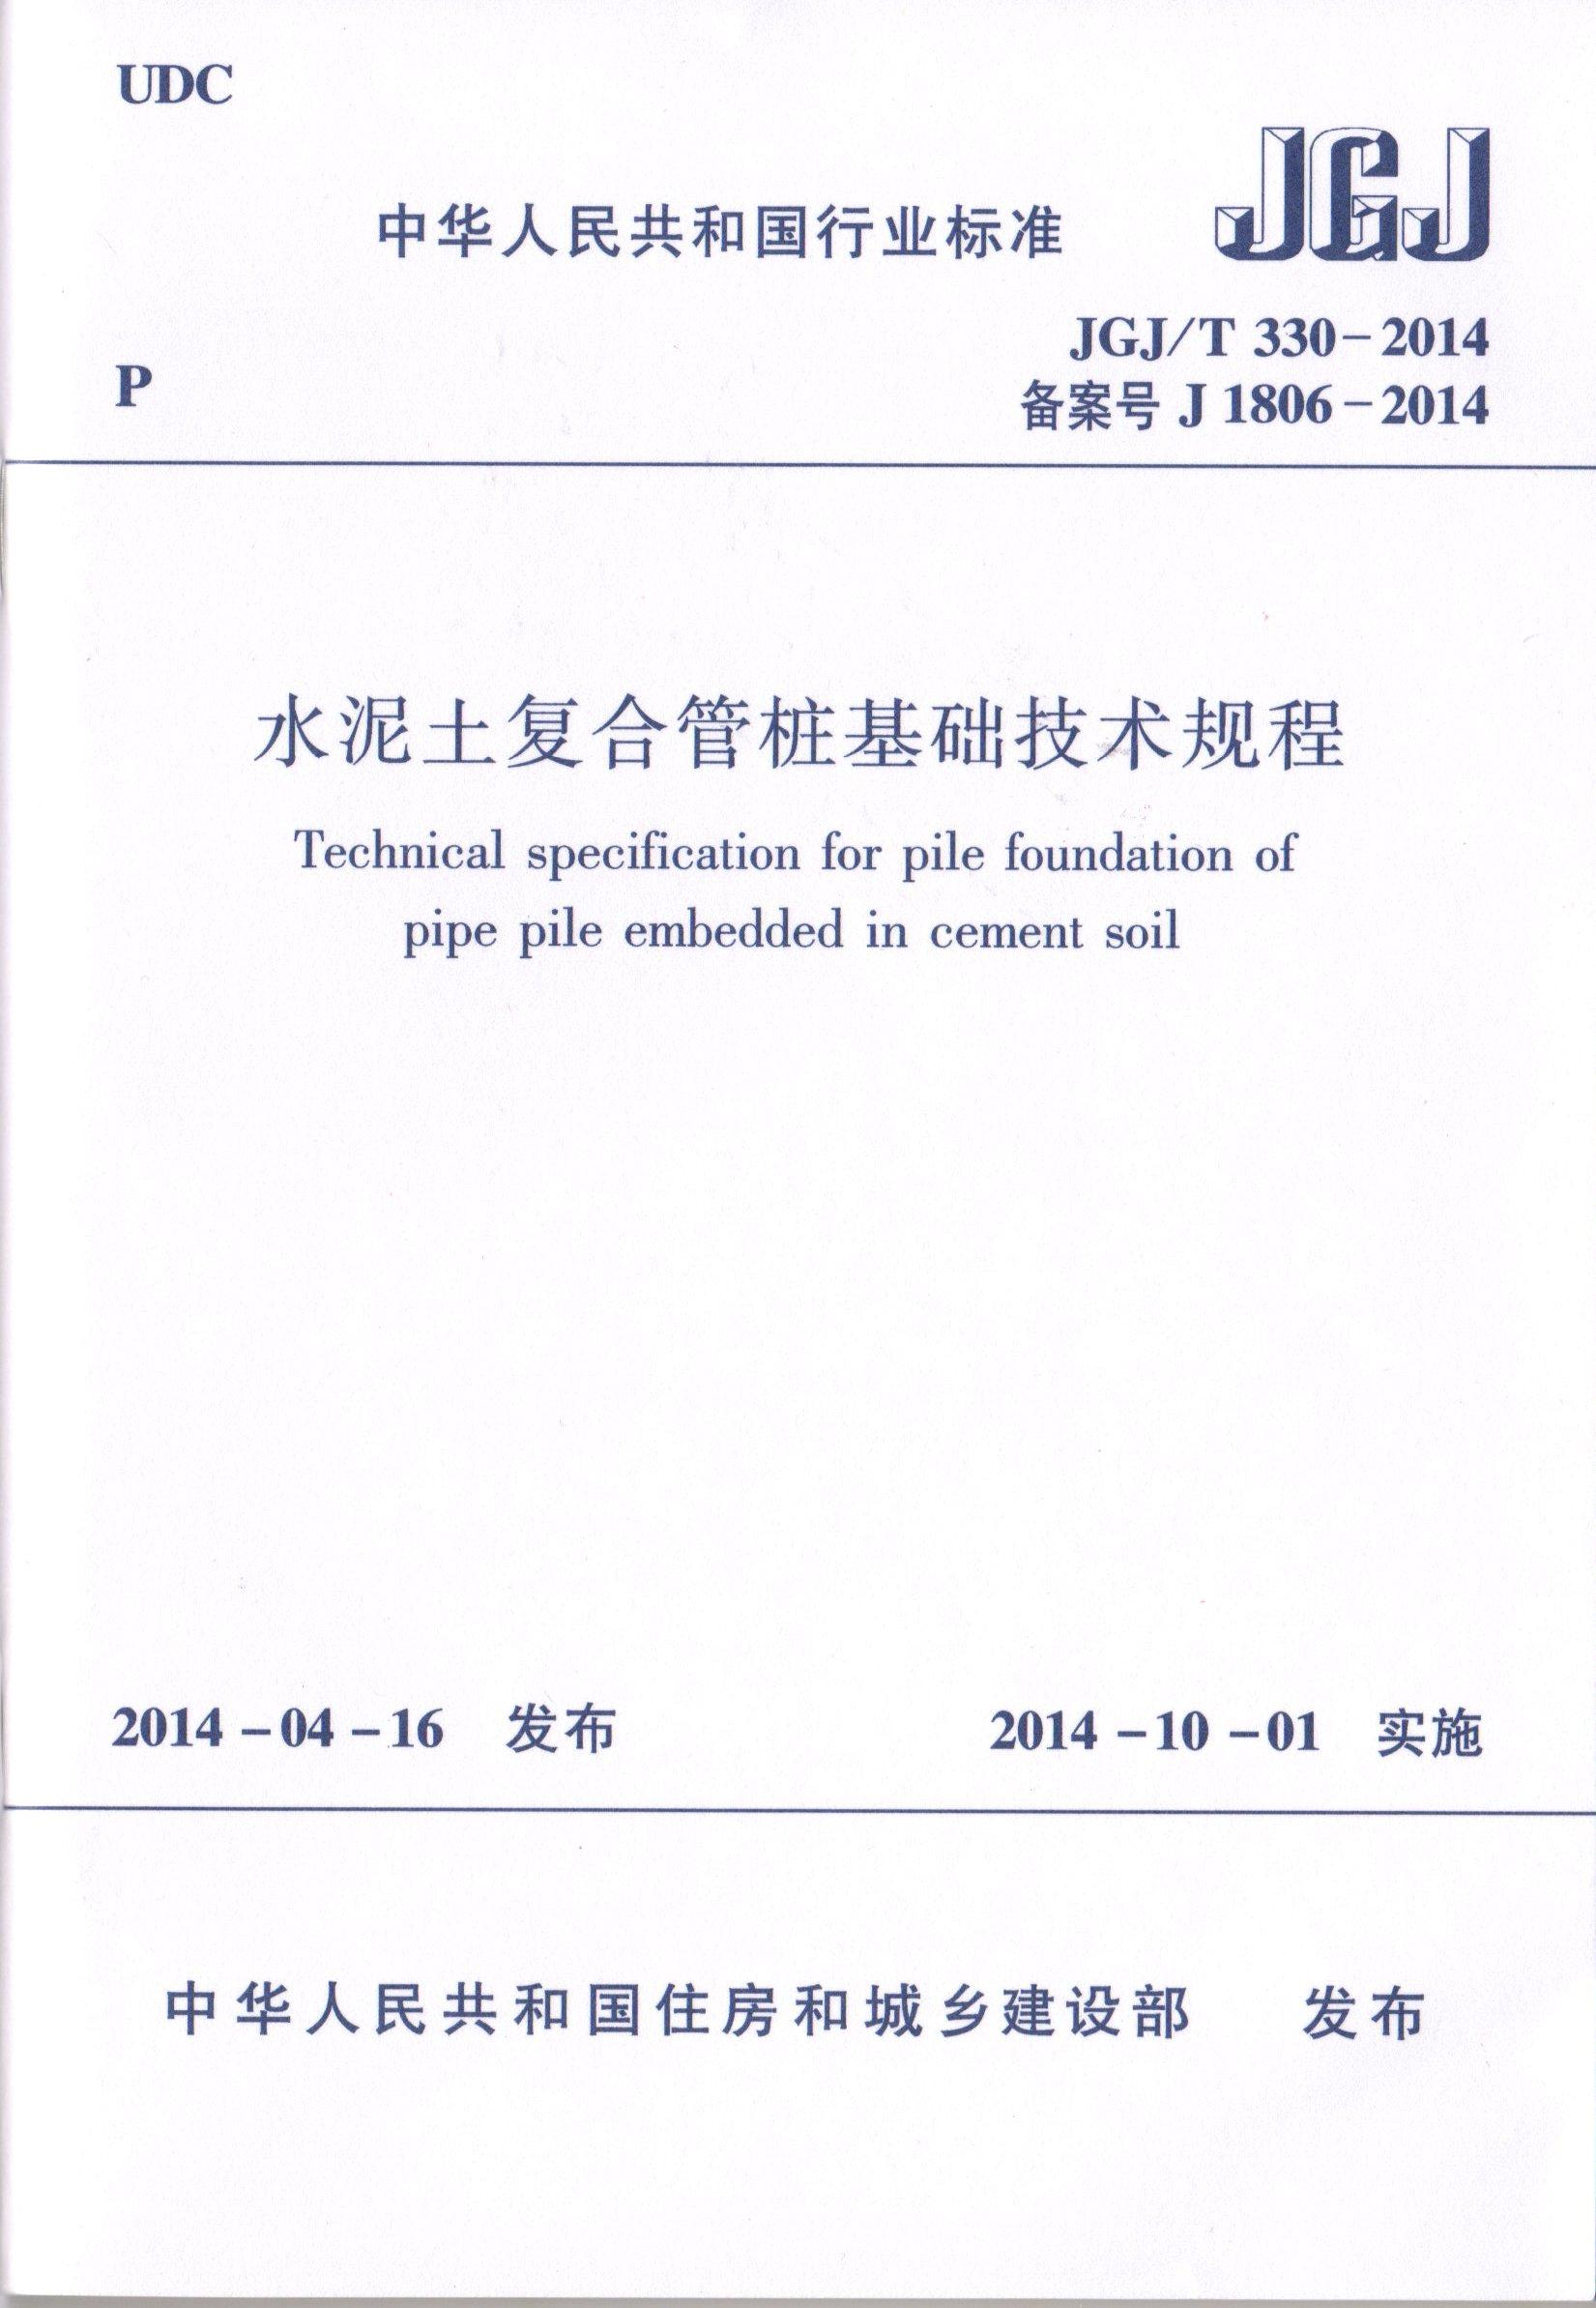 3水泥土復合管樁基礎技術規程.jpg